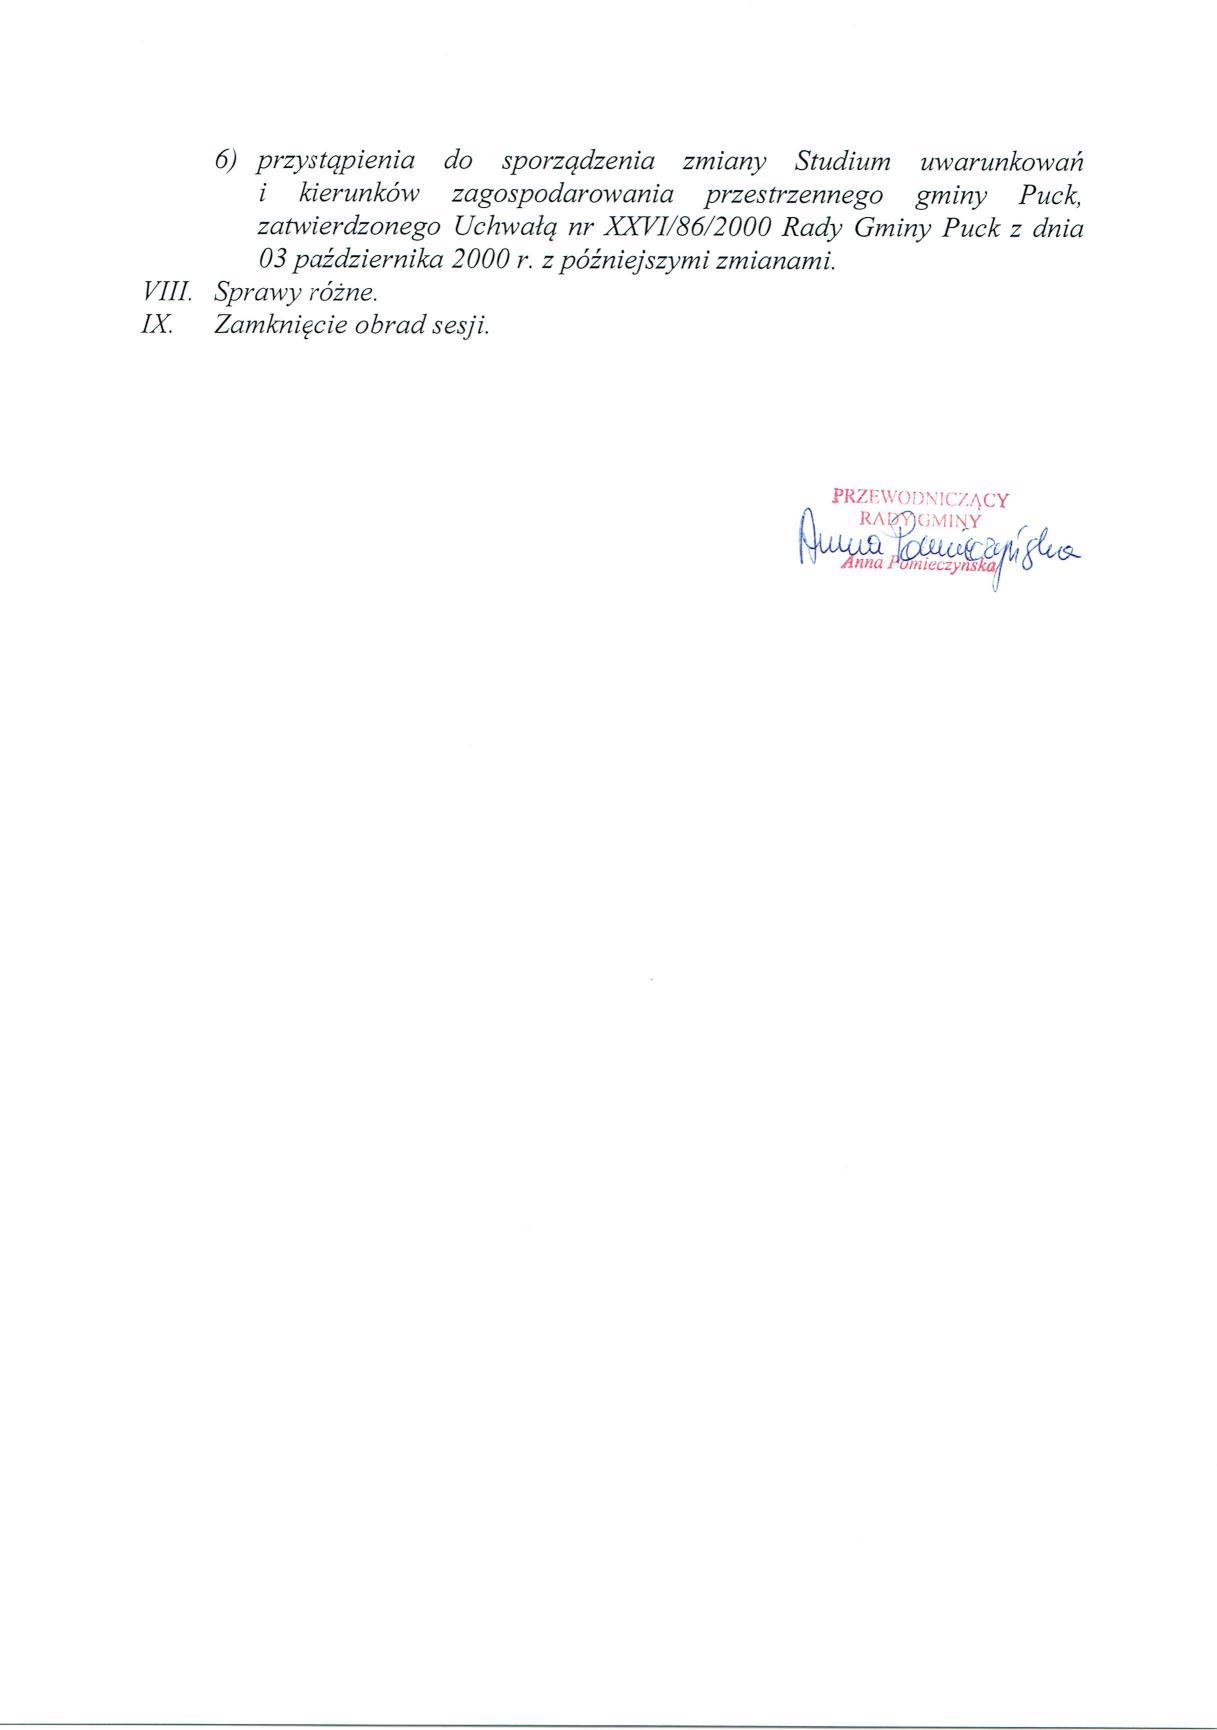 Proponowany porządek obrad XXXVIII sesji Rady Gminy Puck - dnia 08 czerwca 2017 roku_02